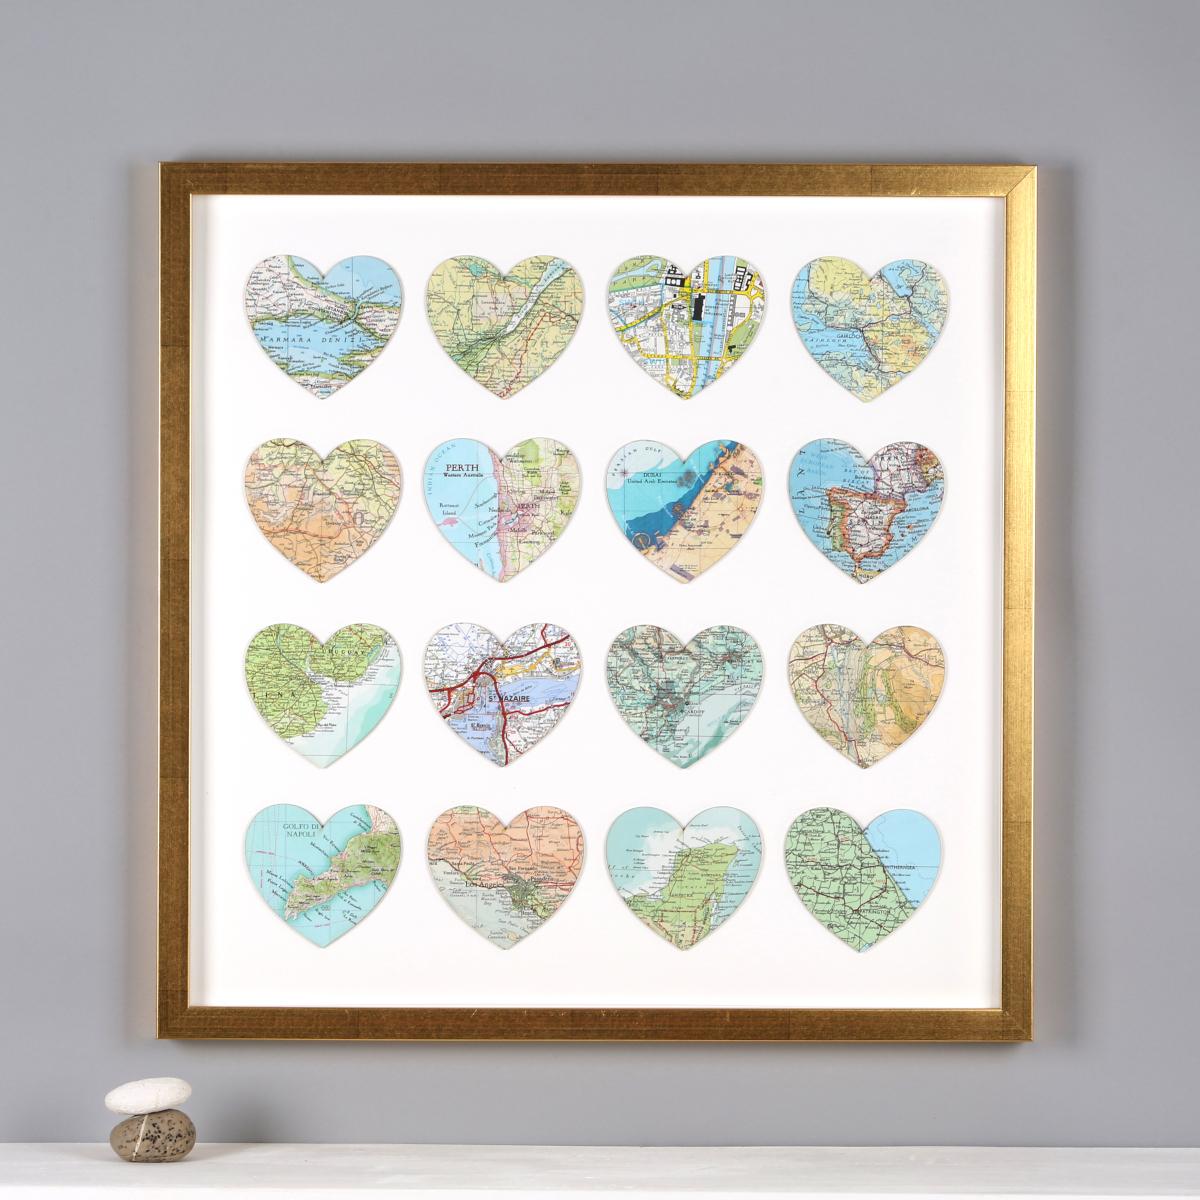 Sixteen Map Heart Golden Wedding Anniversary Gifts